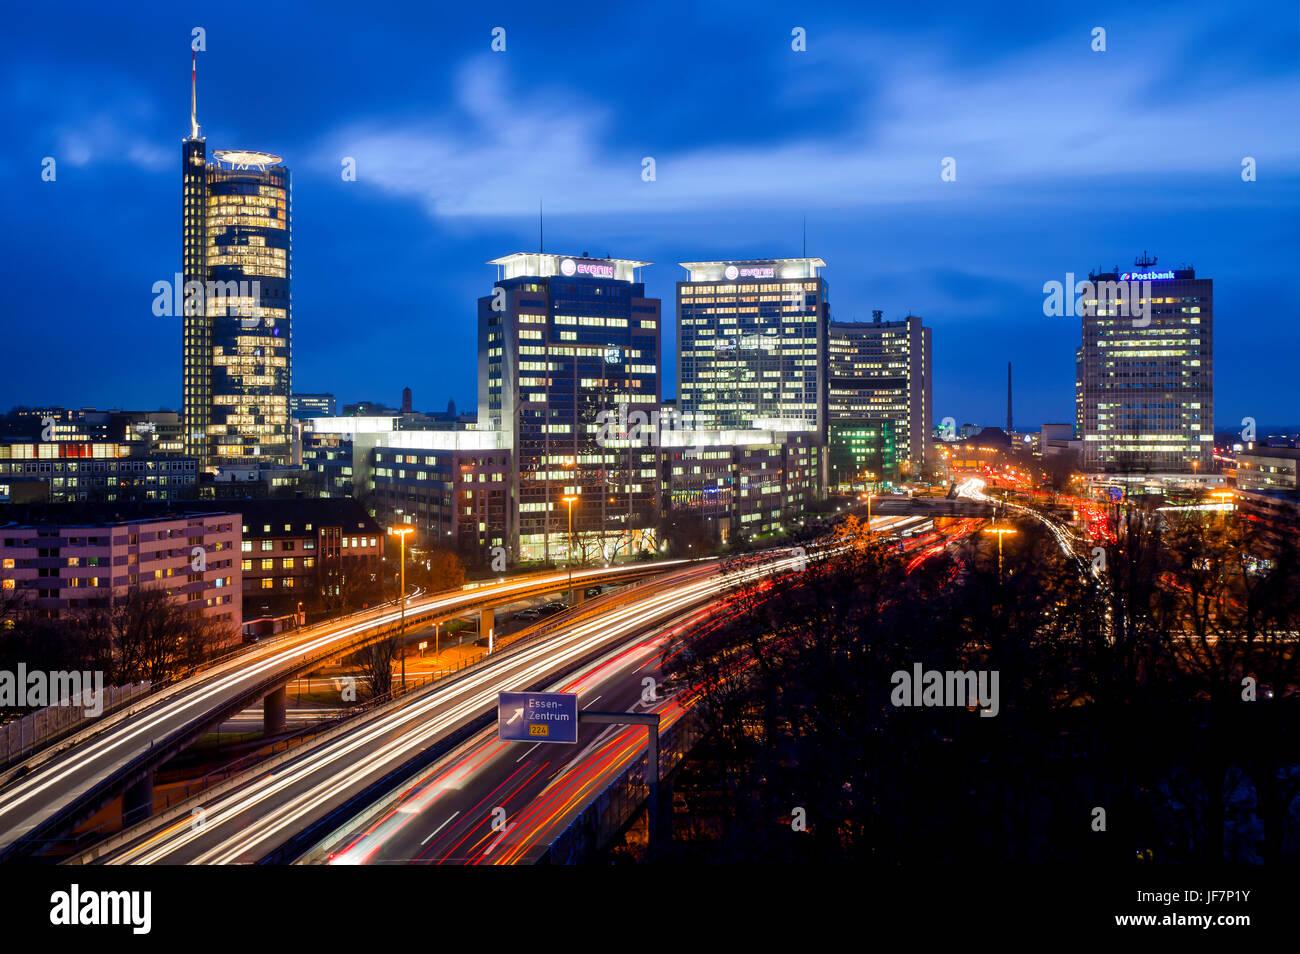 Essen-Stadt-Panorama mit der Autobahn A40, die Gebäude von RWE, Evonik und Postbank, Essen, Nordrhein-Westfalen, Stockfoto